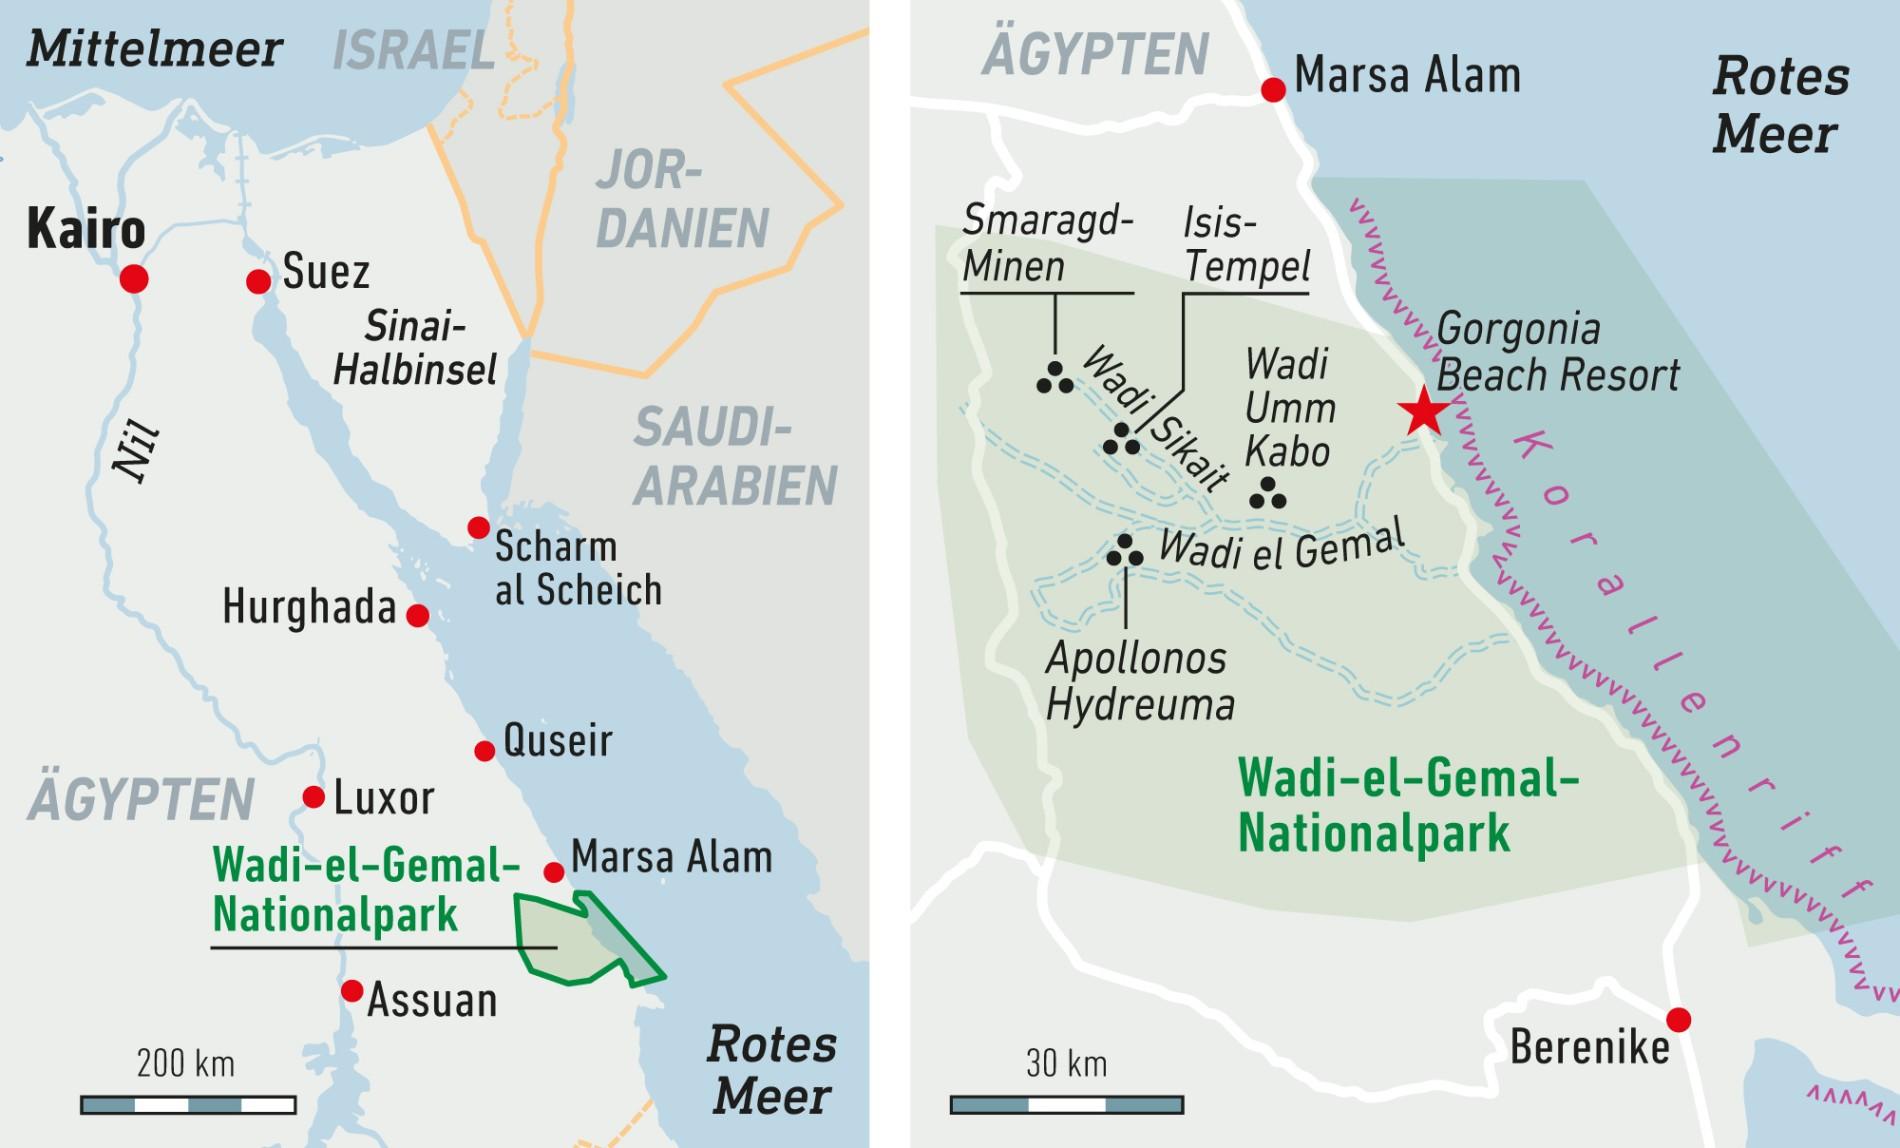 Wetter marsa alam, qesm marsa alam, ägypten